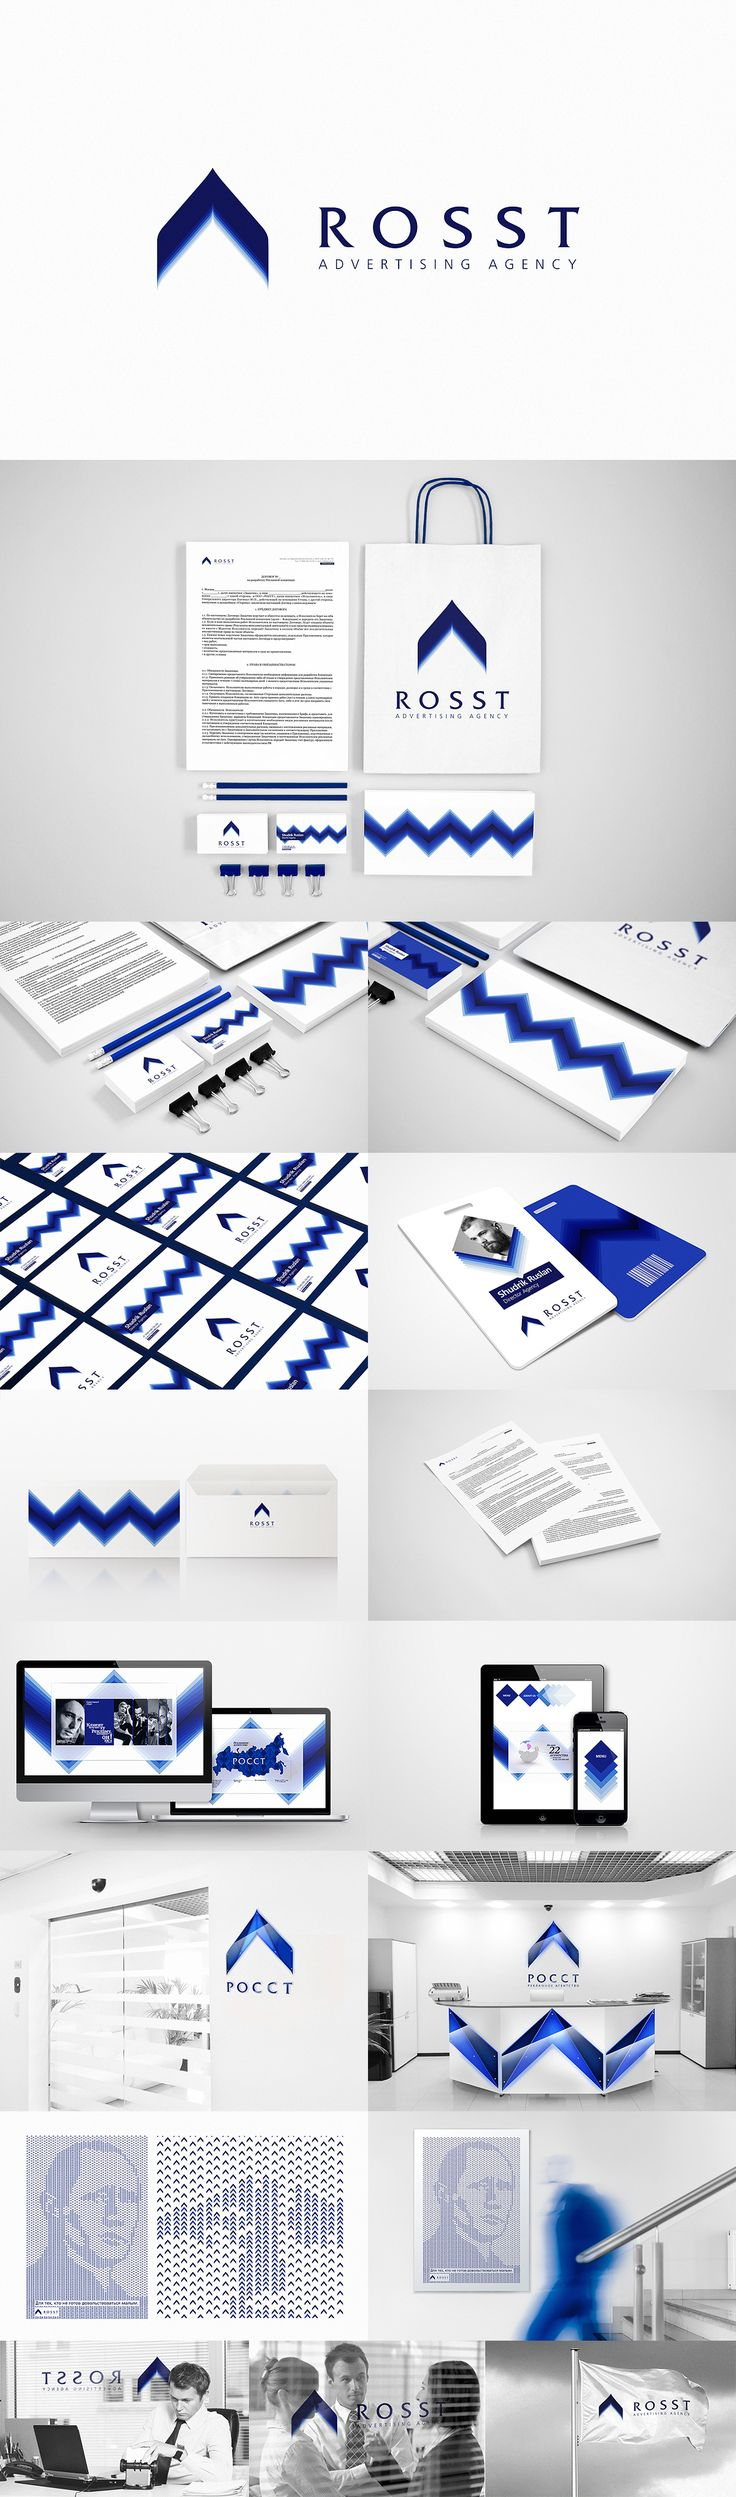 Фирменный стиль для РА «РОССТ», Фирменный стиль © АлексейАхметов. Rosst advertising agency identity packaging branding PD